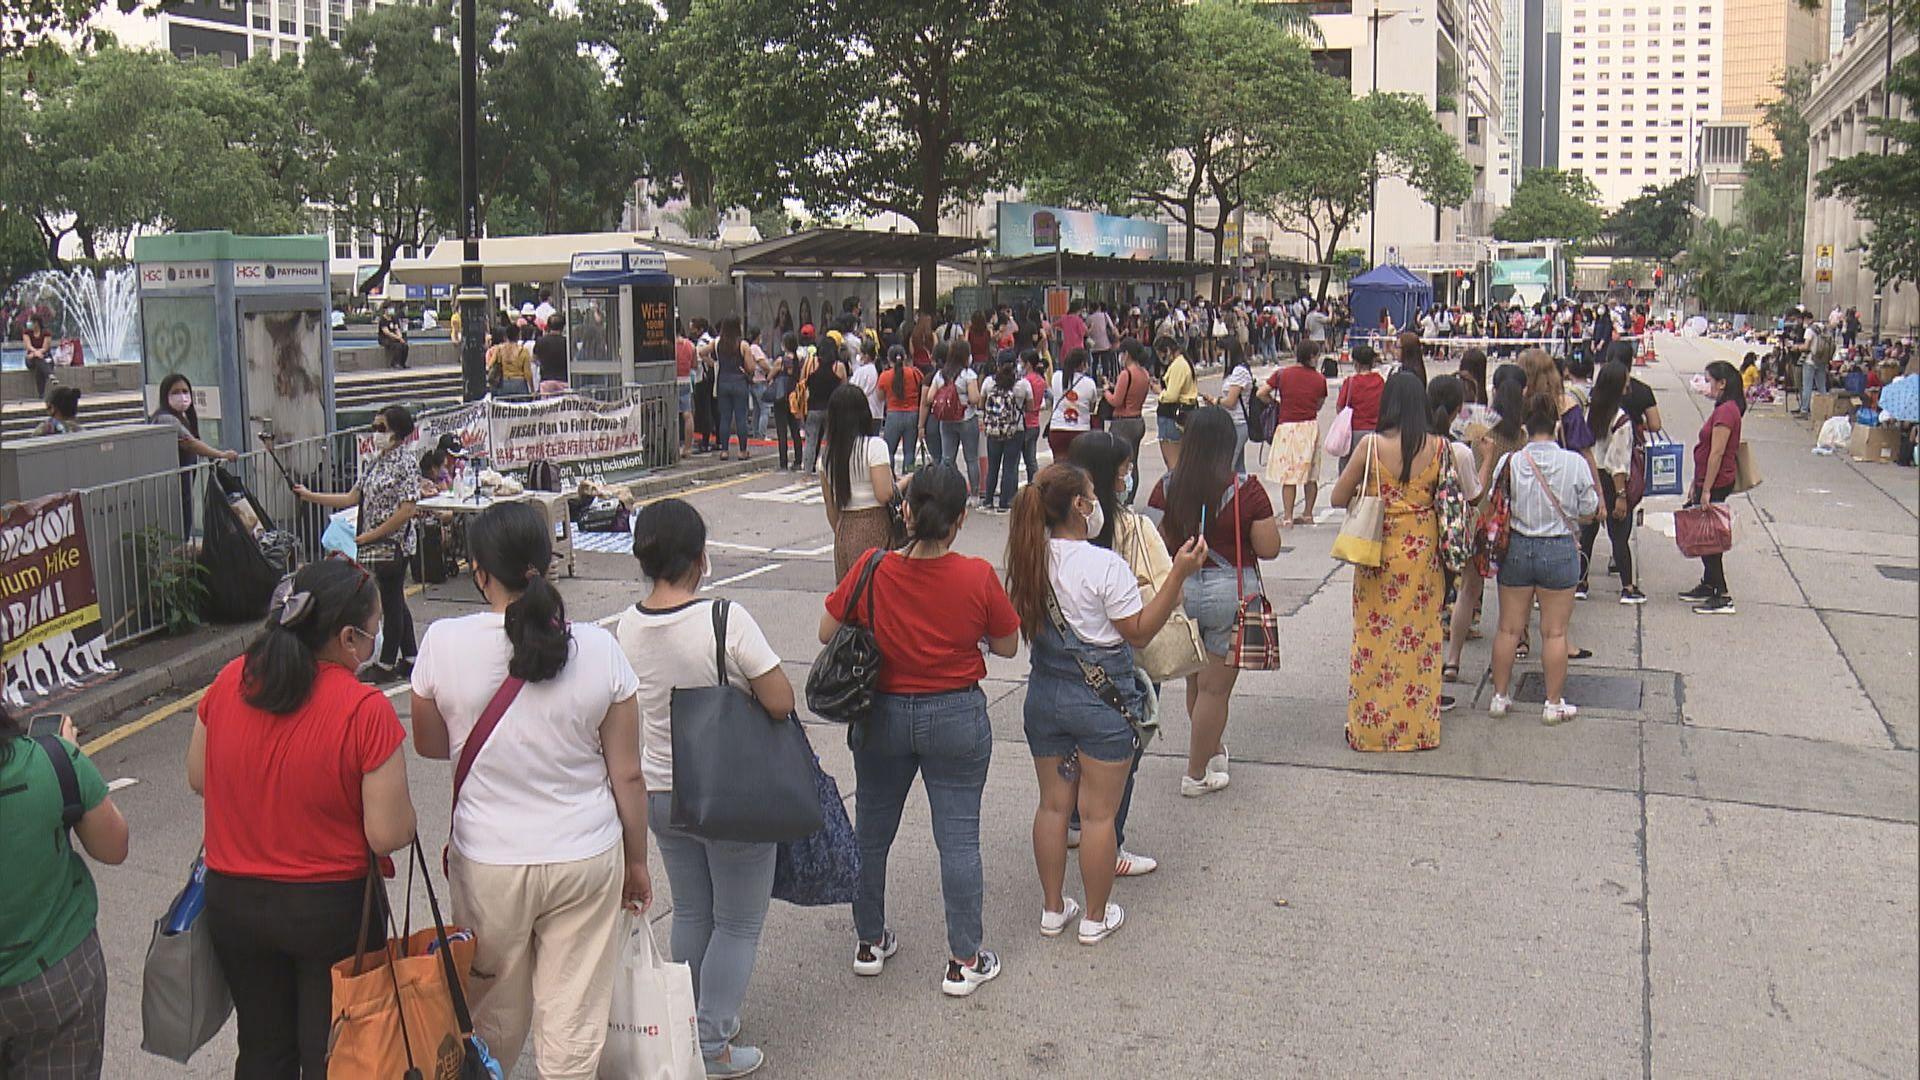 逾11萬人於周六接受檢測 檢測點增至57個